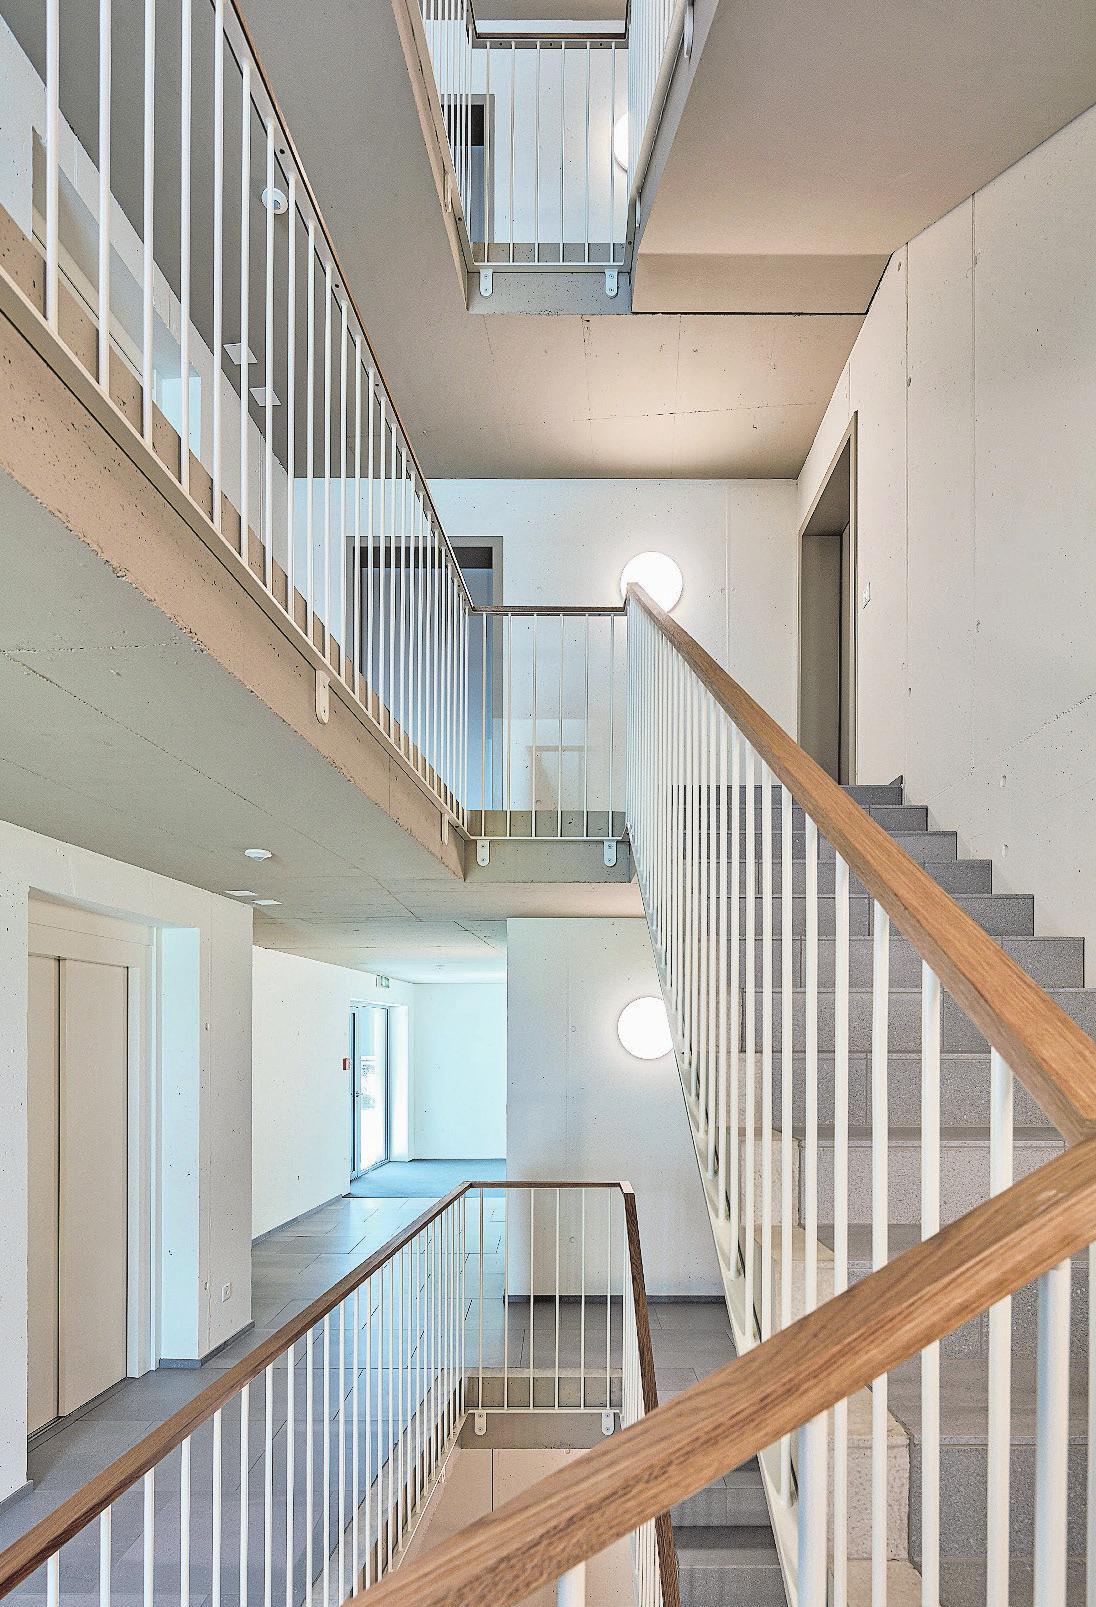 Geräumige Treppenhäuser erschliessen die Wohnungen. Bilder: PD